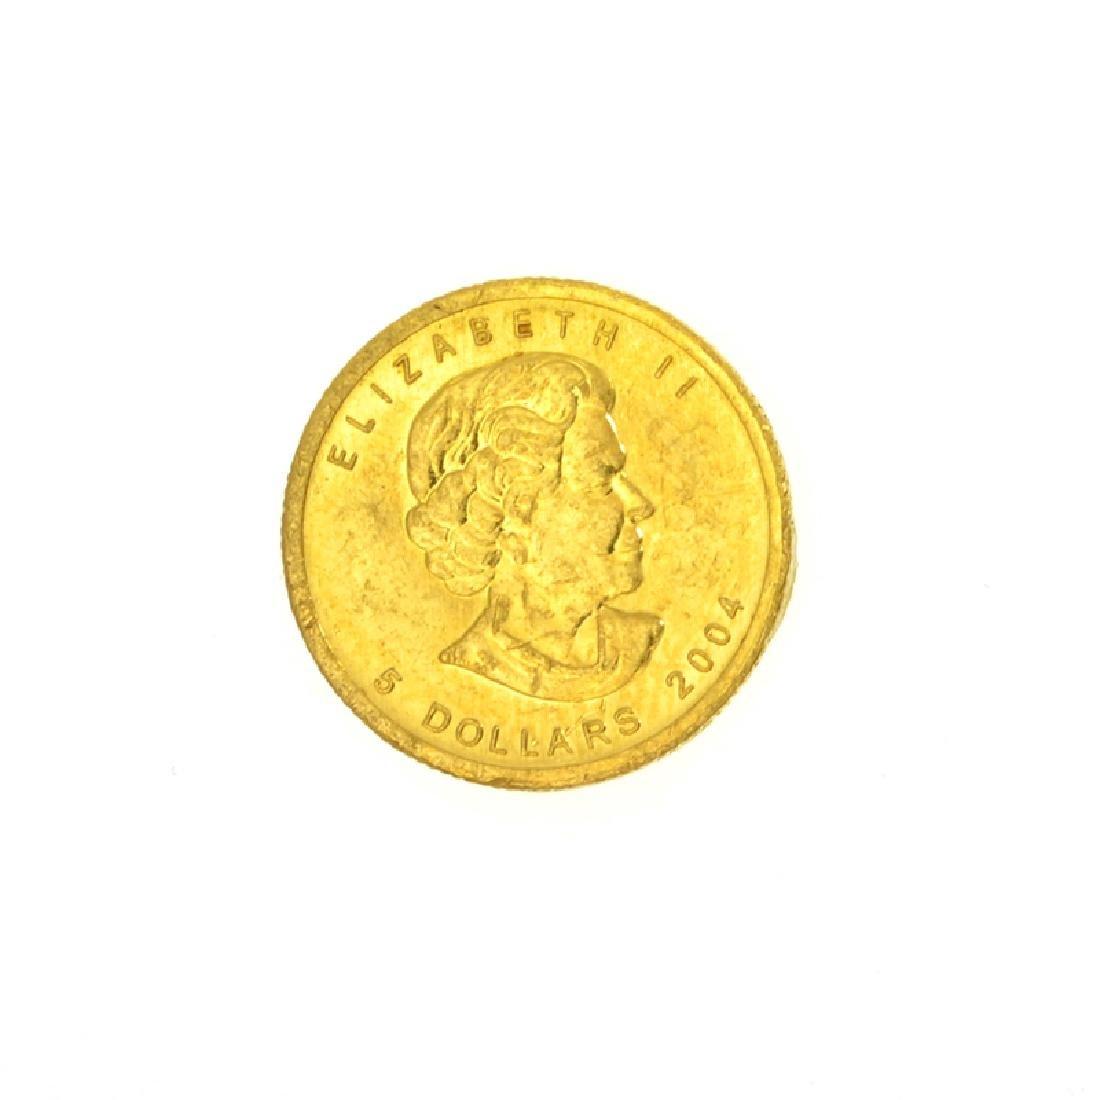 2004 1/10 oz Canada Gold Coin